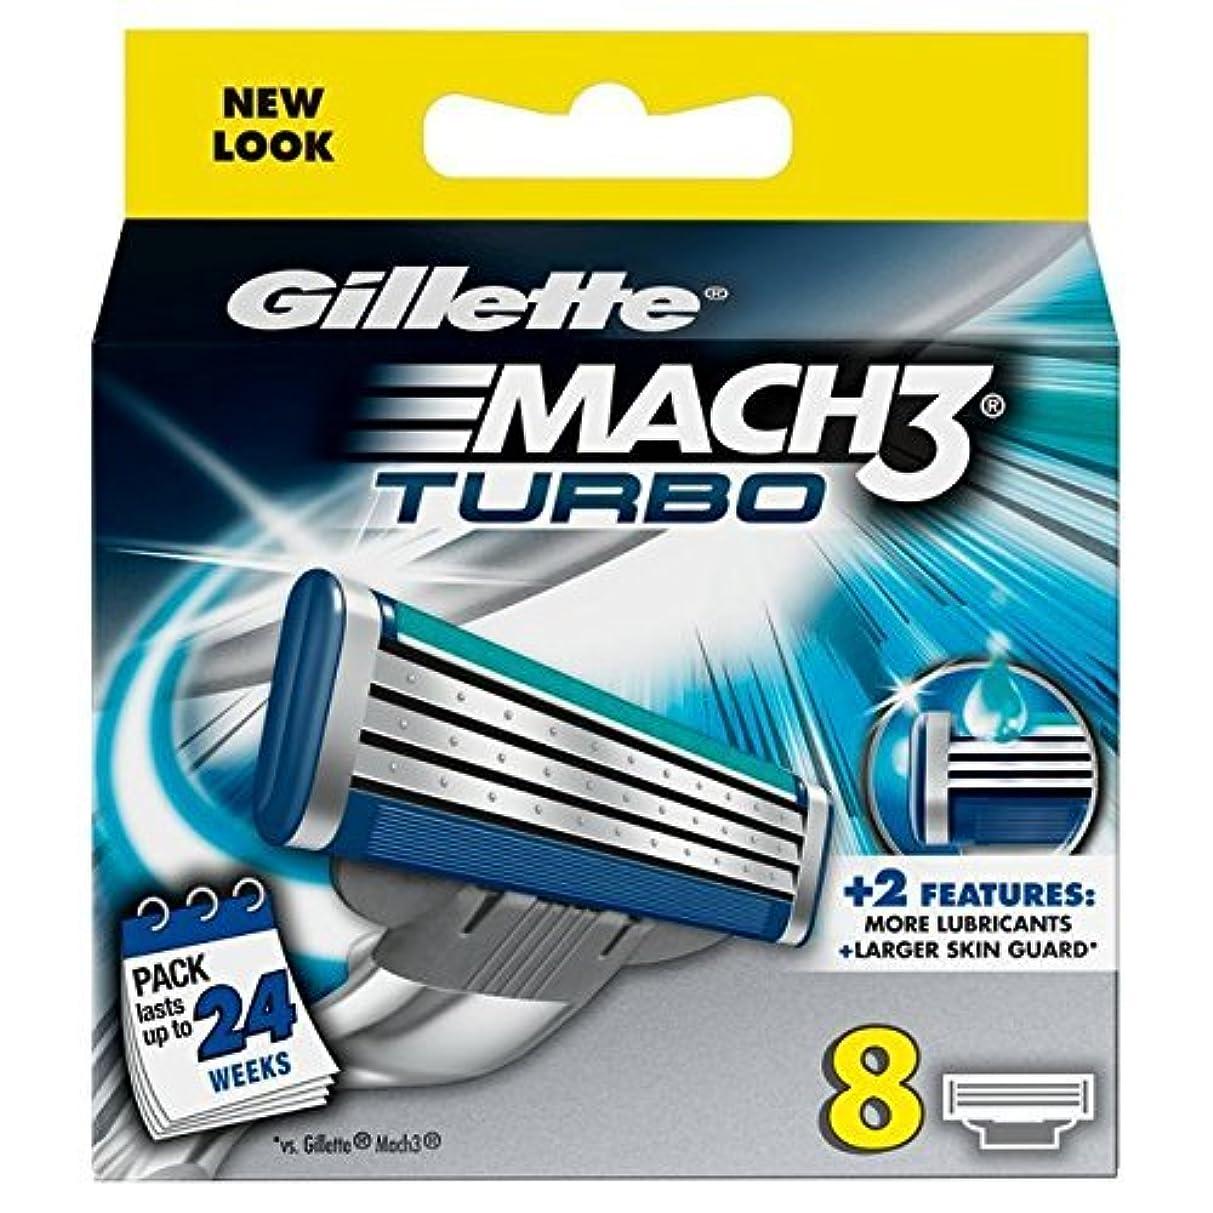 遅れマイクロフォン形式ジレット マッハ 3 ターボ 替刃8個入 Gillette Mach 3 Turbo [並行輸入品]